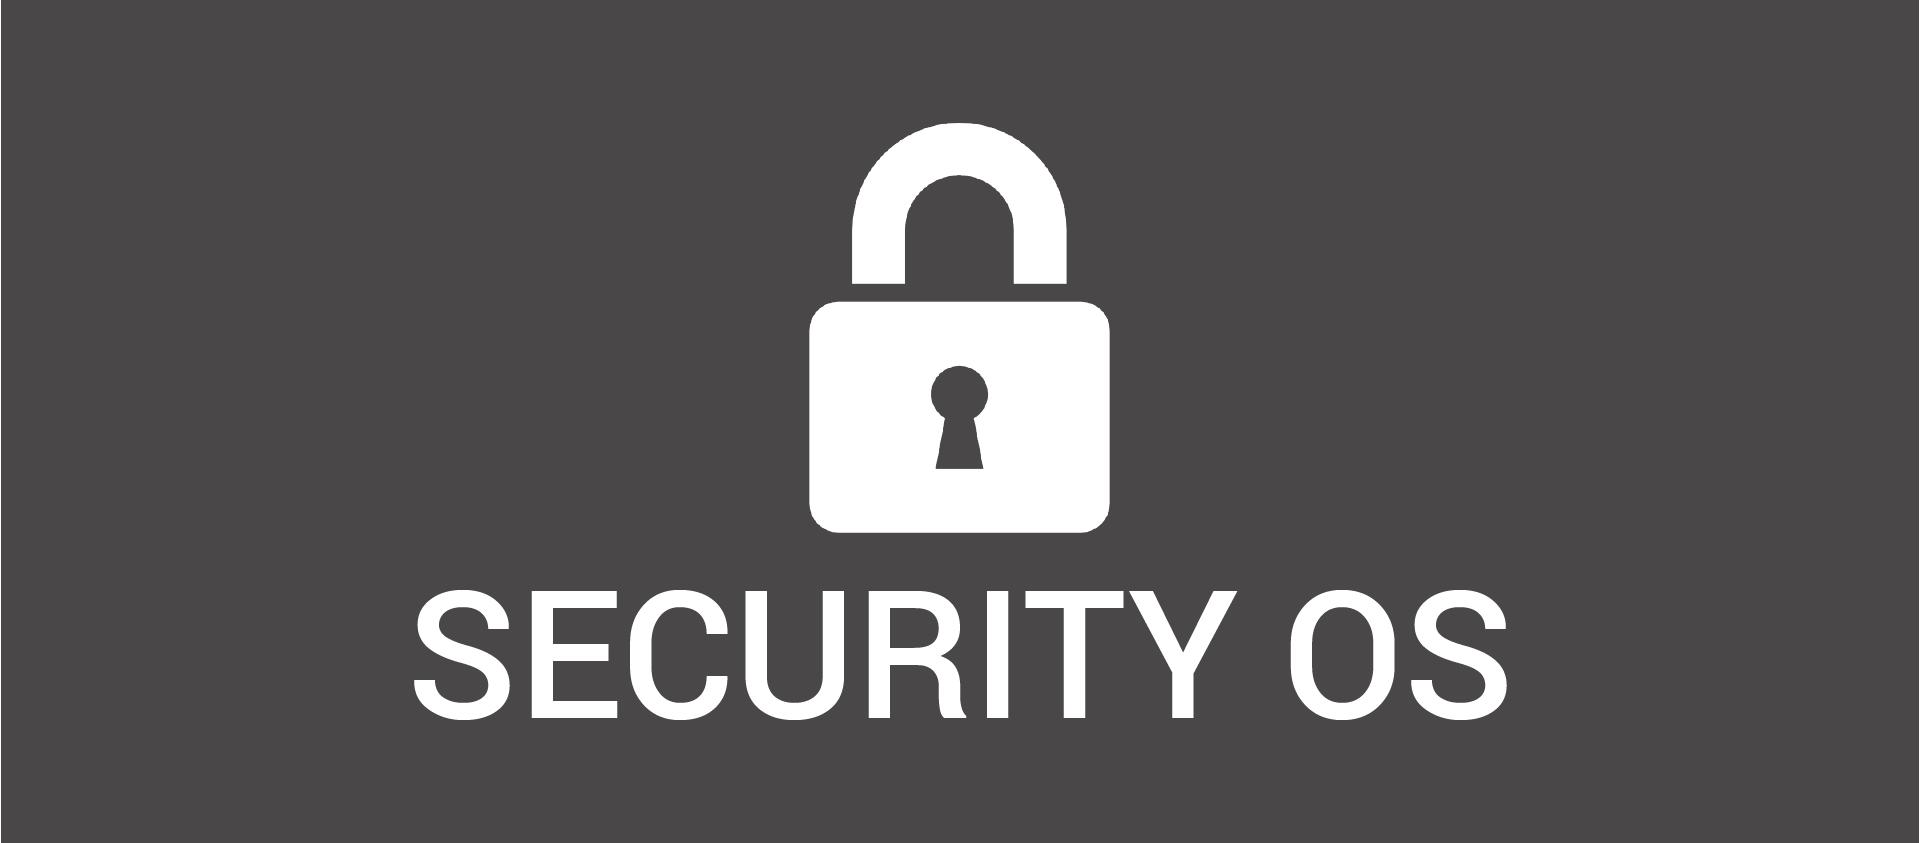 Лучшая OS для безопасности: сравнение титанов - 1